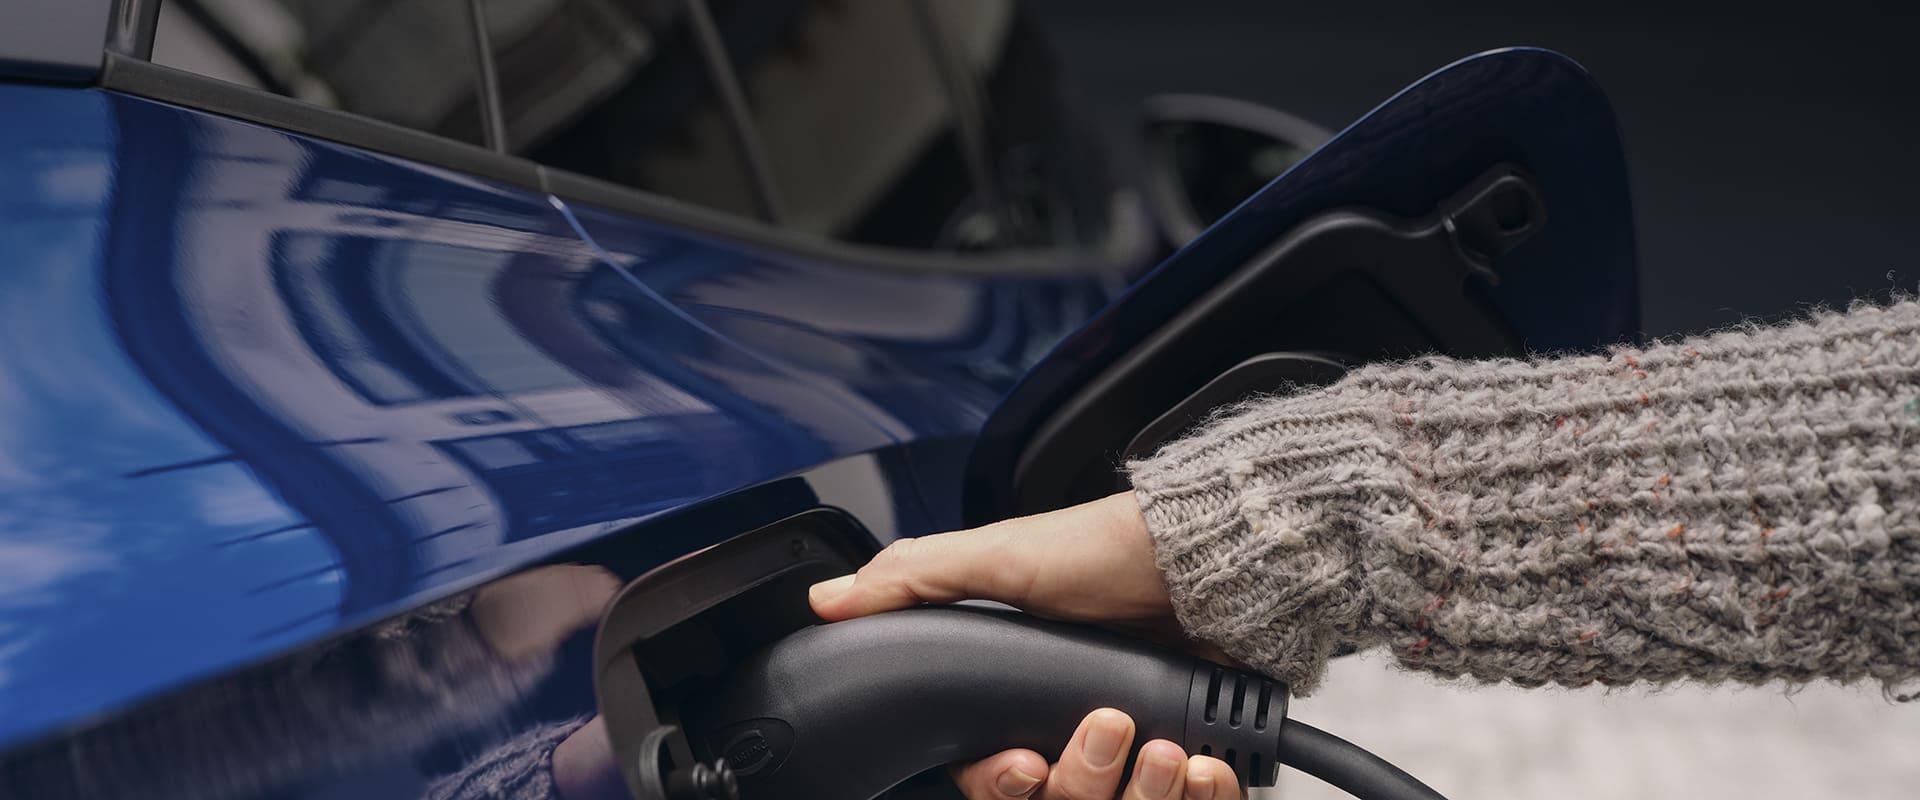 Ladekabel wird an E-Auto angeschlossen